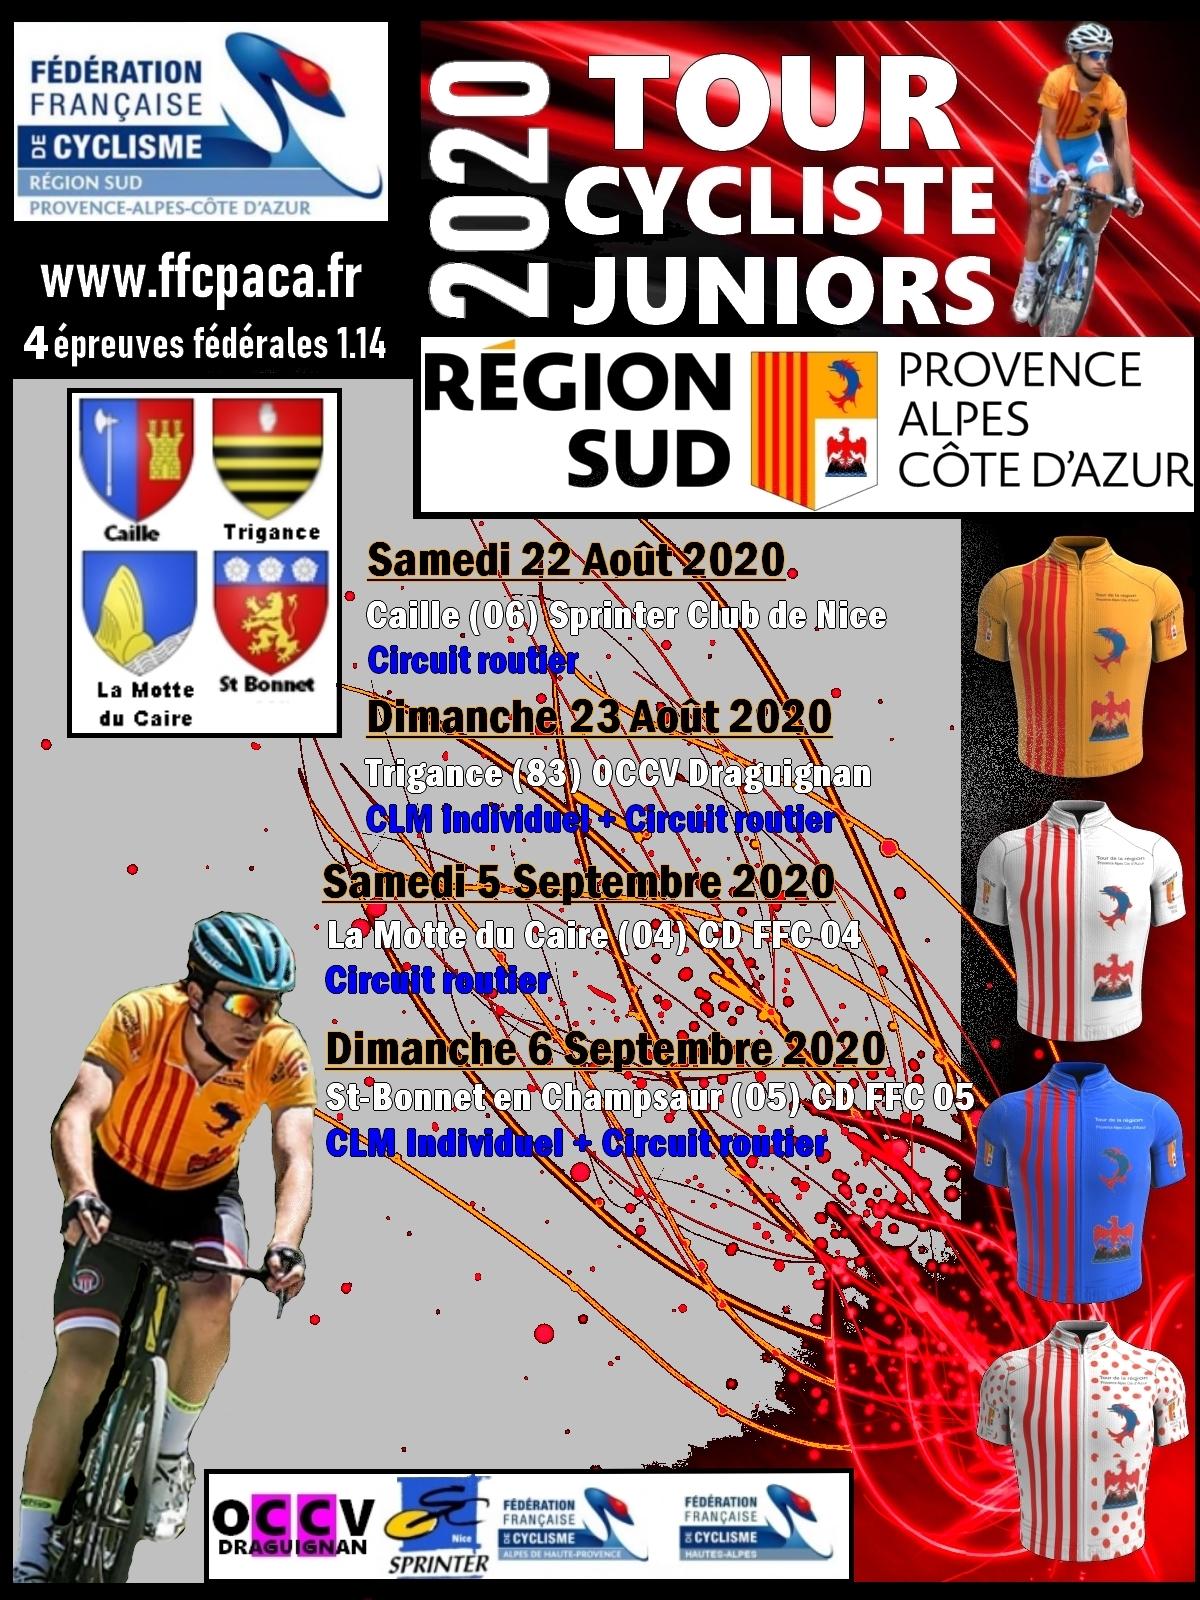 FFC Région Sud PACA – Comité FFC Région Sud Provence Alpes Côte d'Azur